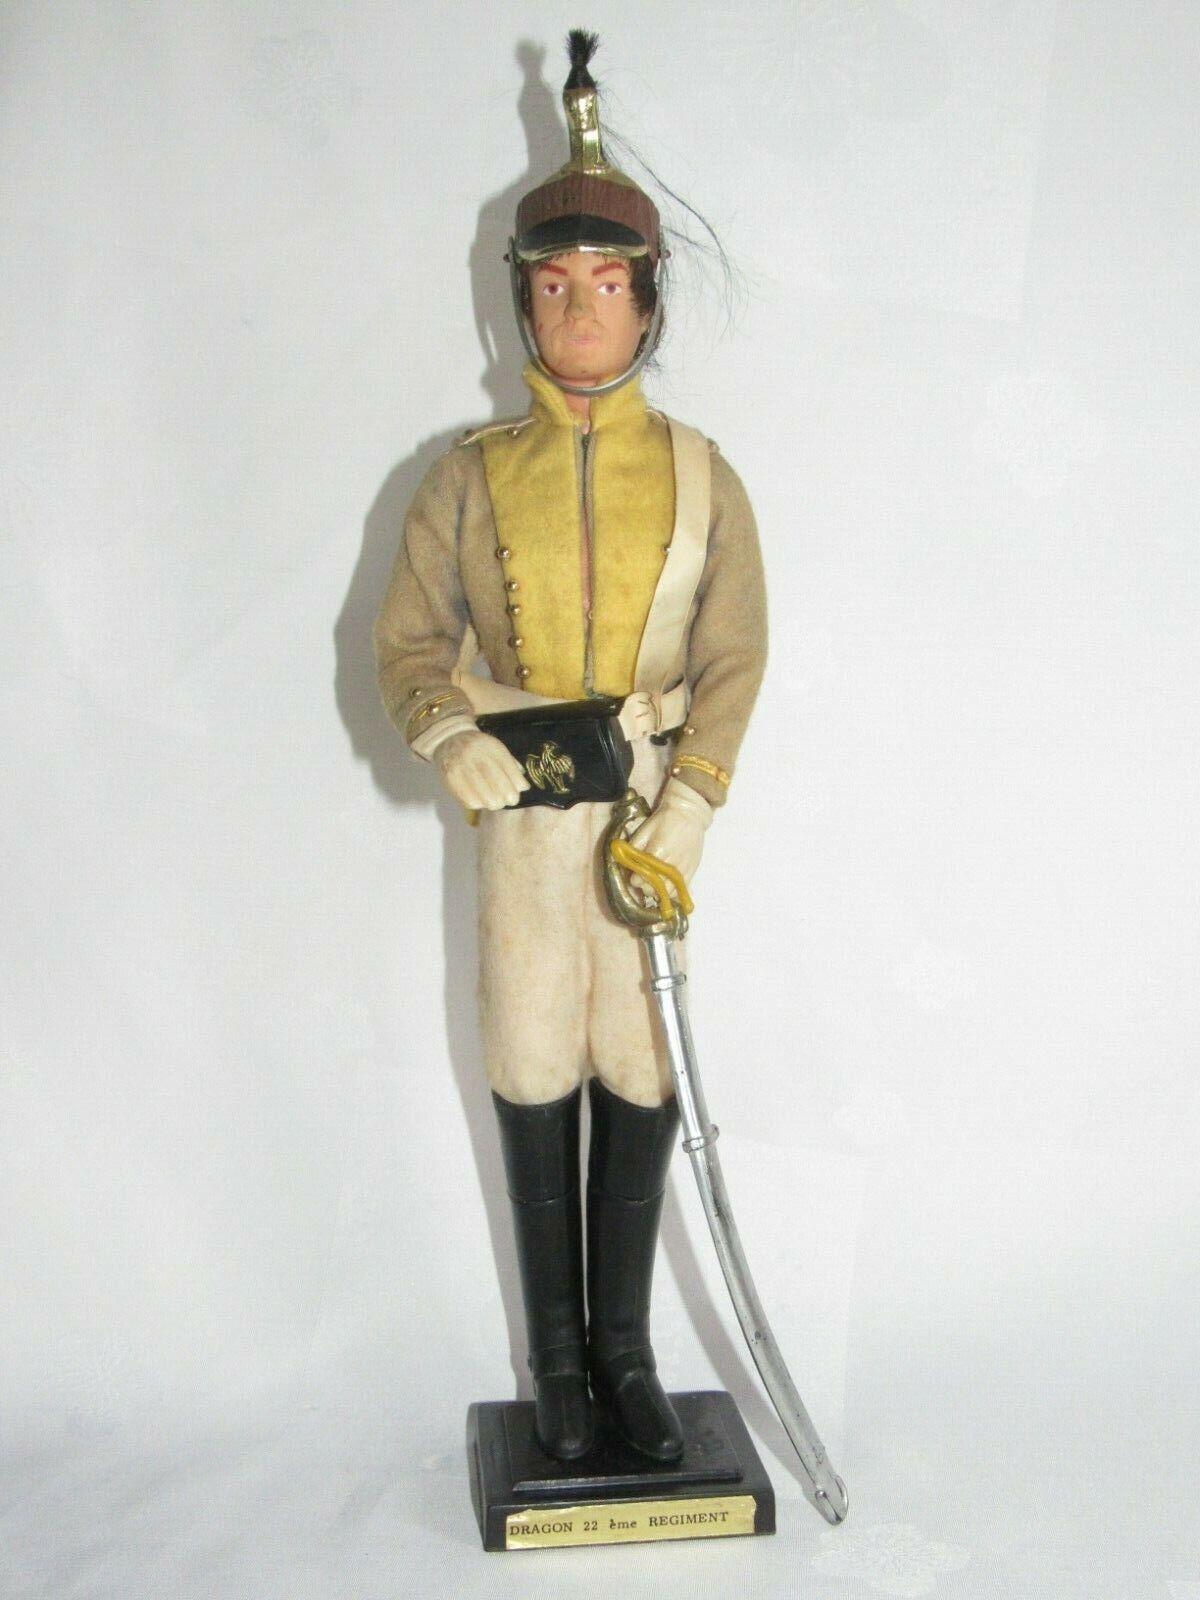 04f60 Antik Puppe Soldat Empire C.D.C Mollard Paris 22 E Regiment Dragons